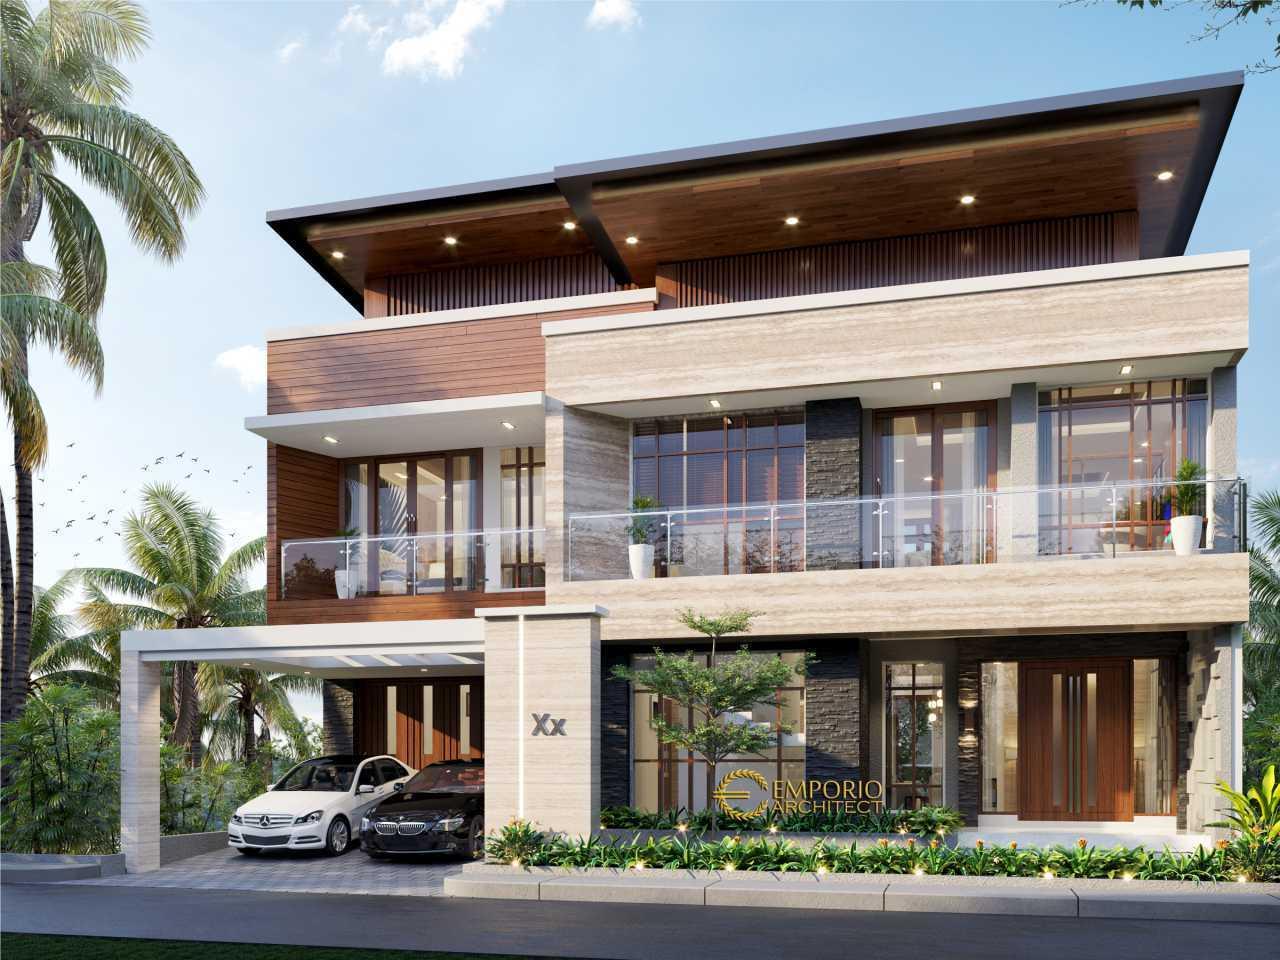 Emporio Architect Jasa Arsitek Bandung Desain Rumah 3 Lantai Style Modern Tropis 751 @ Bandung, Jawa Barat Bandung, Kota Bandung, Jawa Barat, Indonesia Bandung, Kota Bandung, Jawa Barat, Indonesia Emporio-Architect-Jasa-Arsitek-Bandung-Desain-Rumah-3-Lantai-Style-Modern-Tropis-751-Bandung-Jawa-Barat Modern 86655